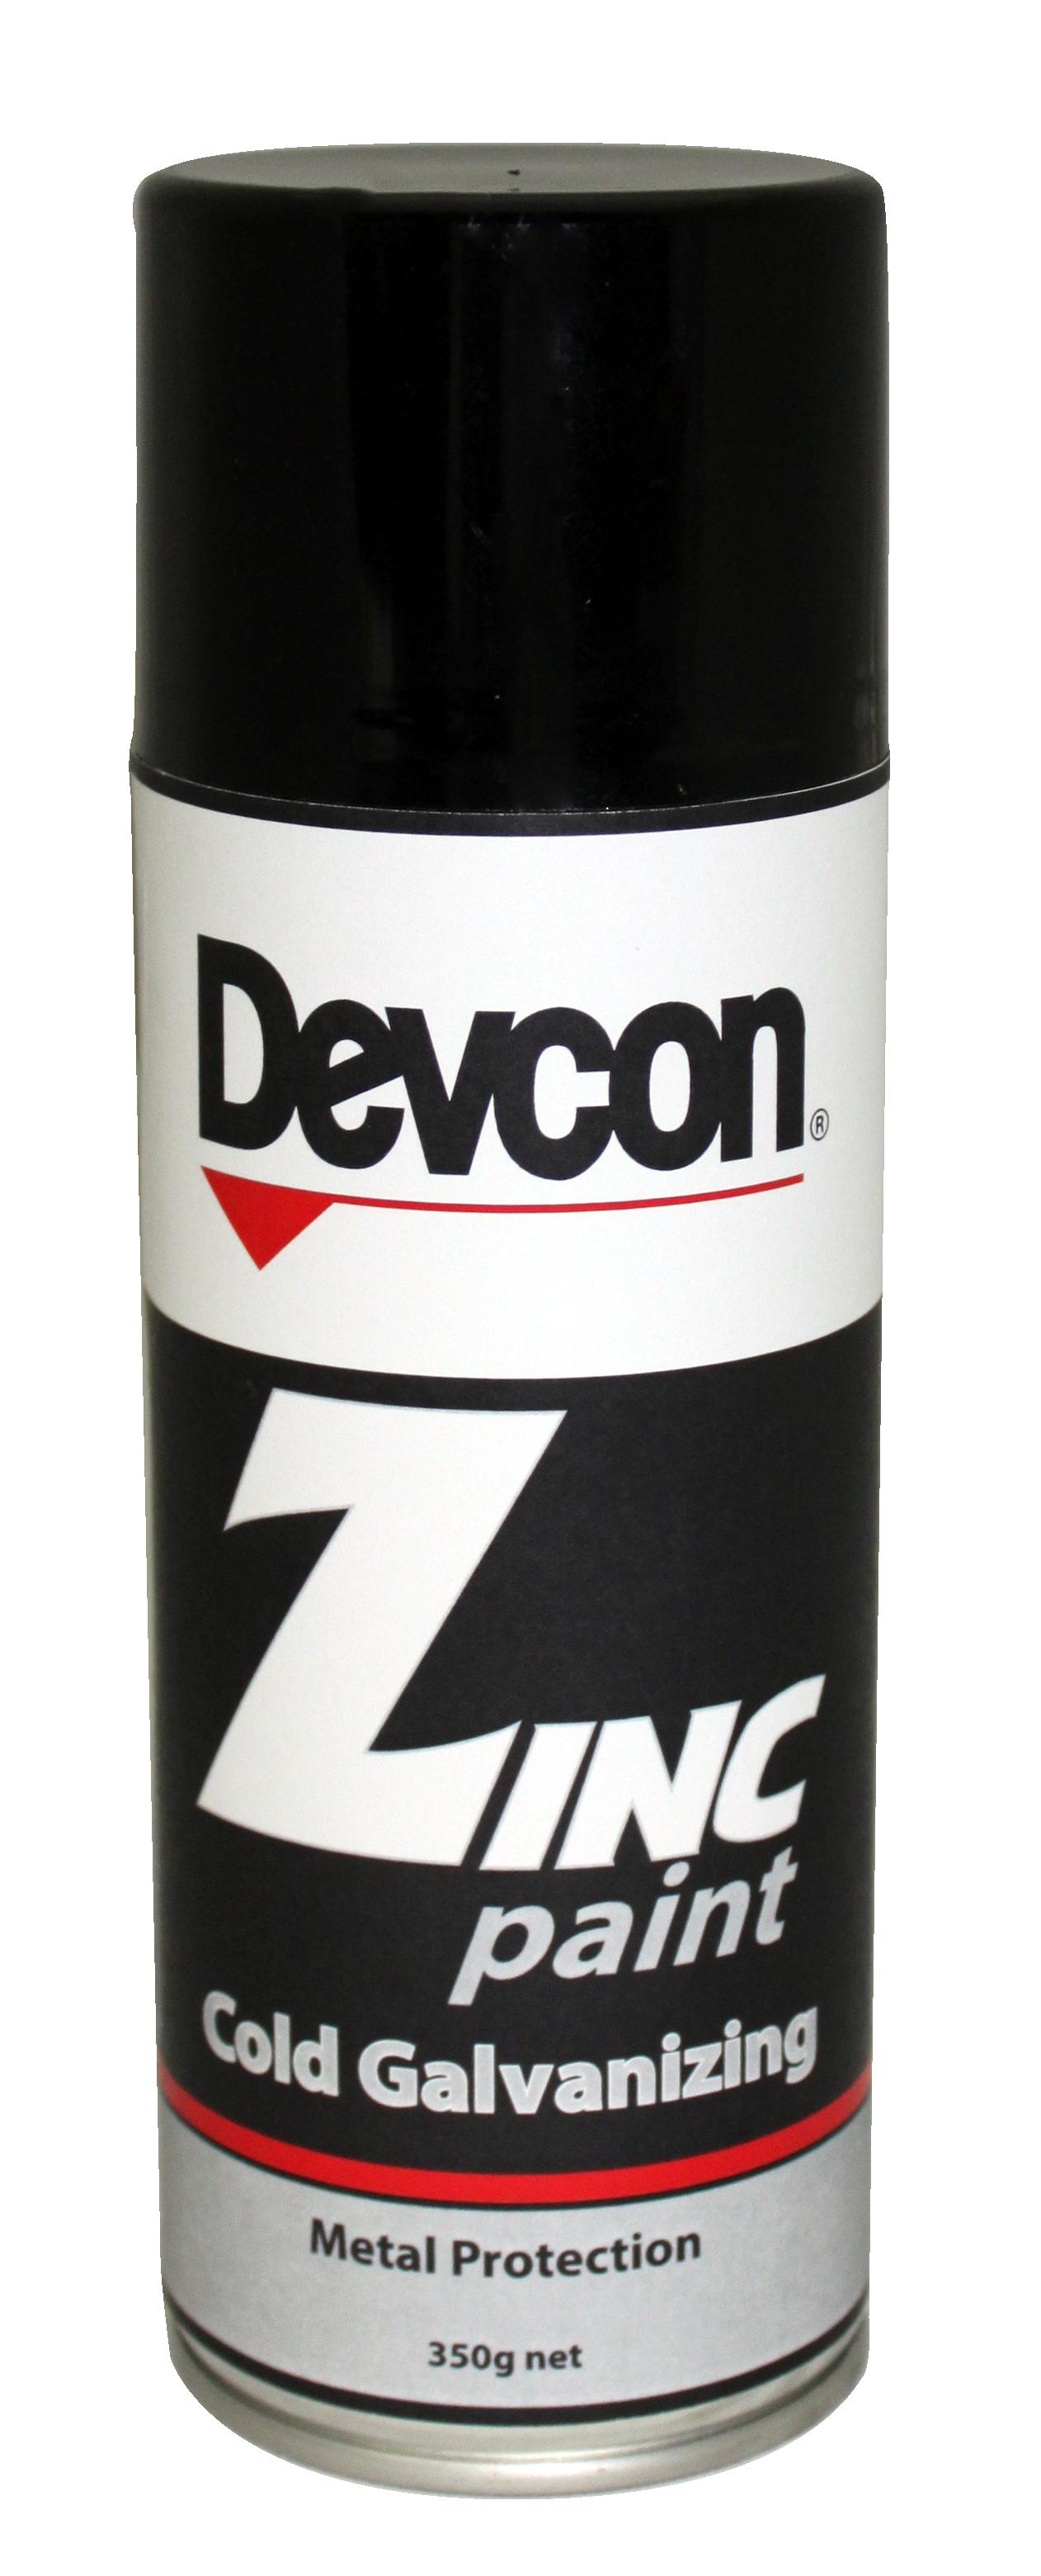 Devcon Zinc Paint